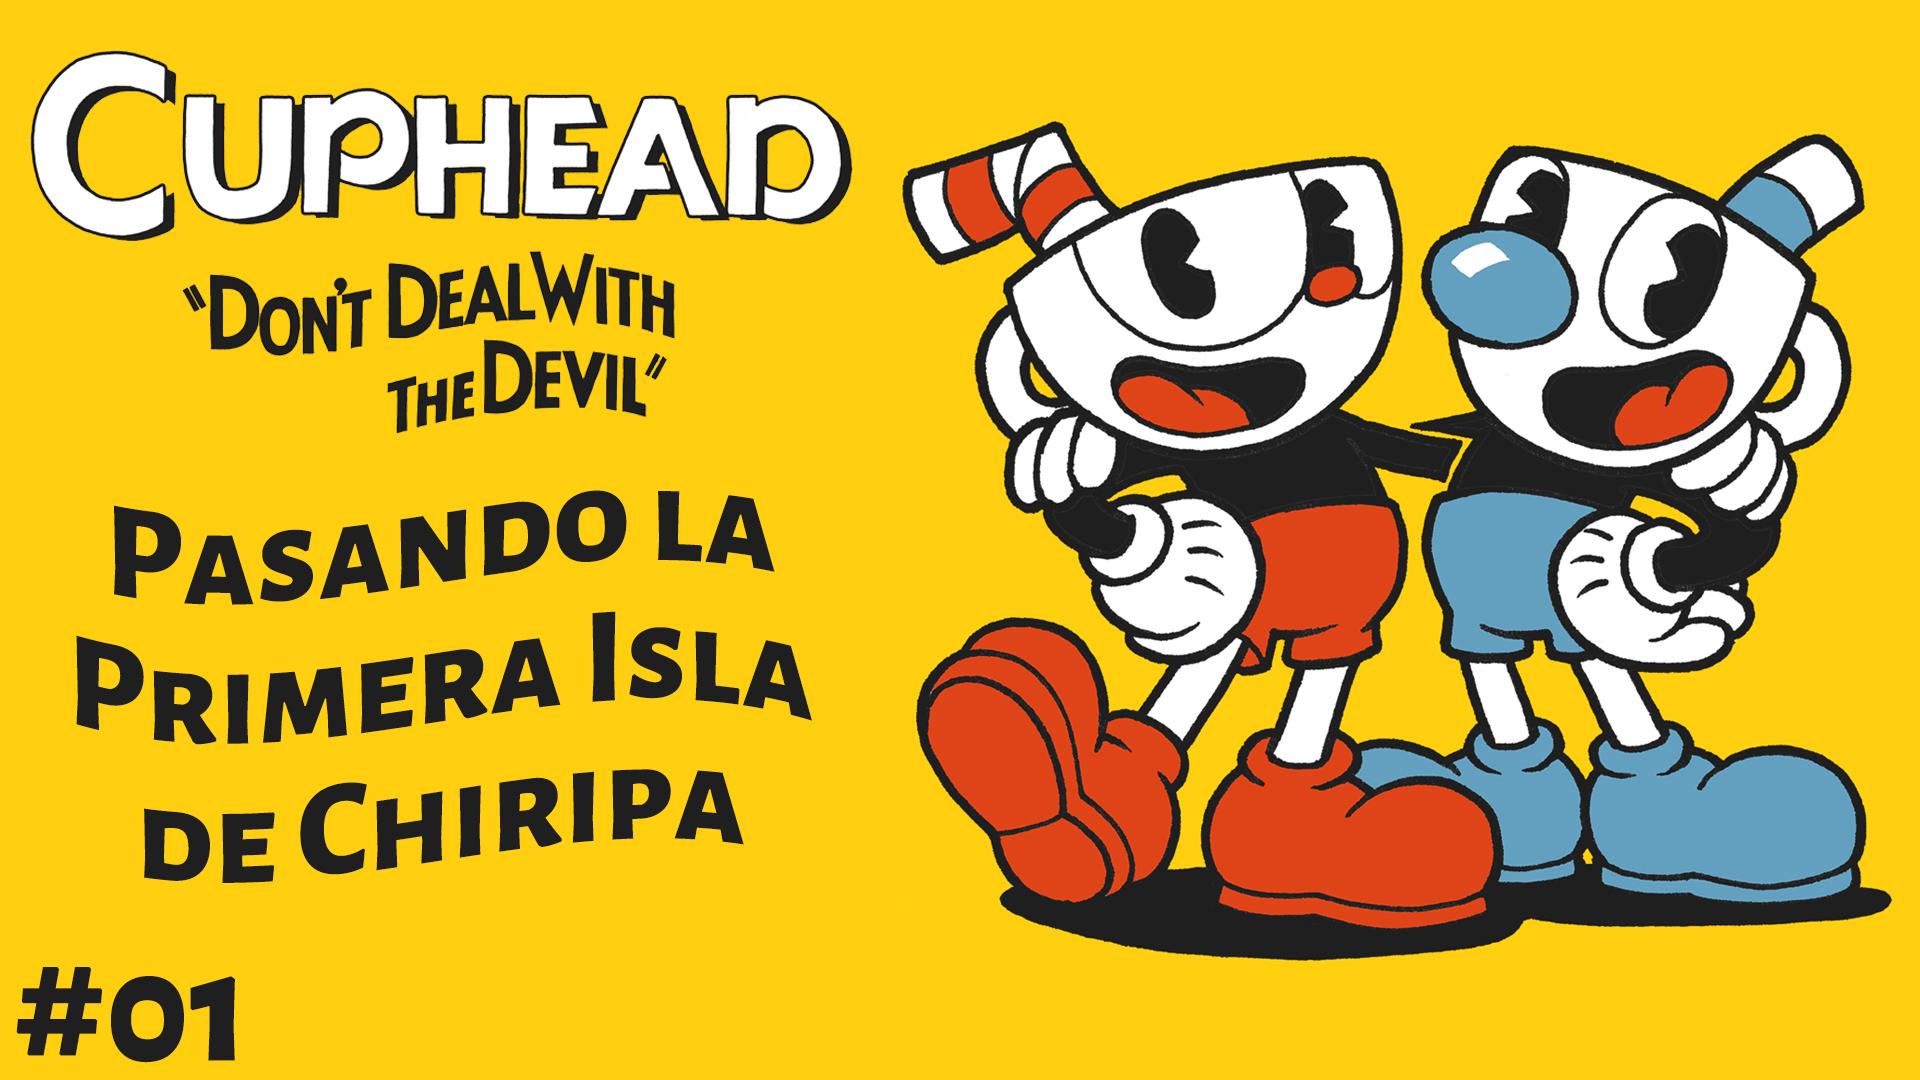 Serie Cuphead #1 – Pasando la Primera Isla de Chiripa